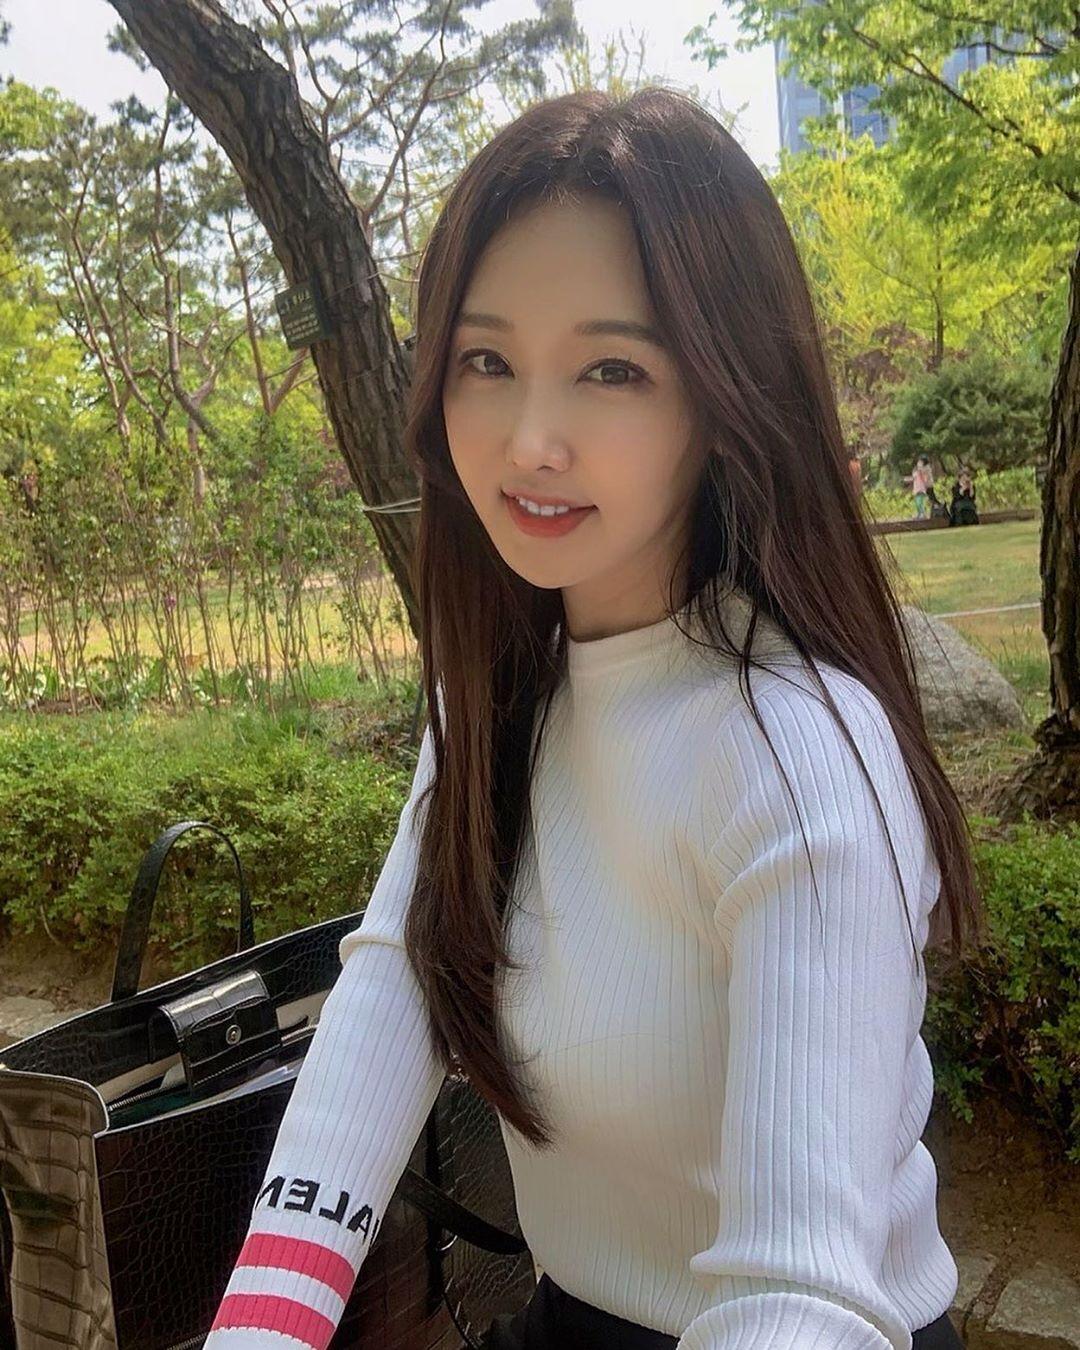 51- летняя кореянка Ли Су Джин сохраняет свою красоту, здоровье и все благодаря здоровому питанию и спорту